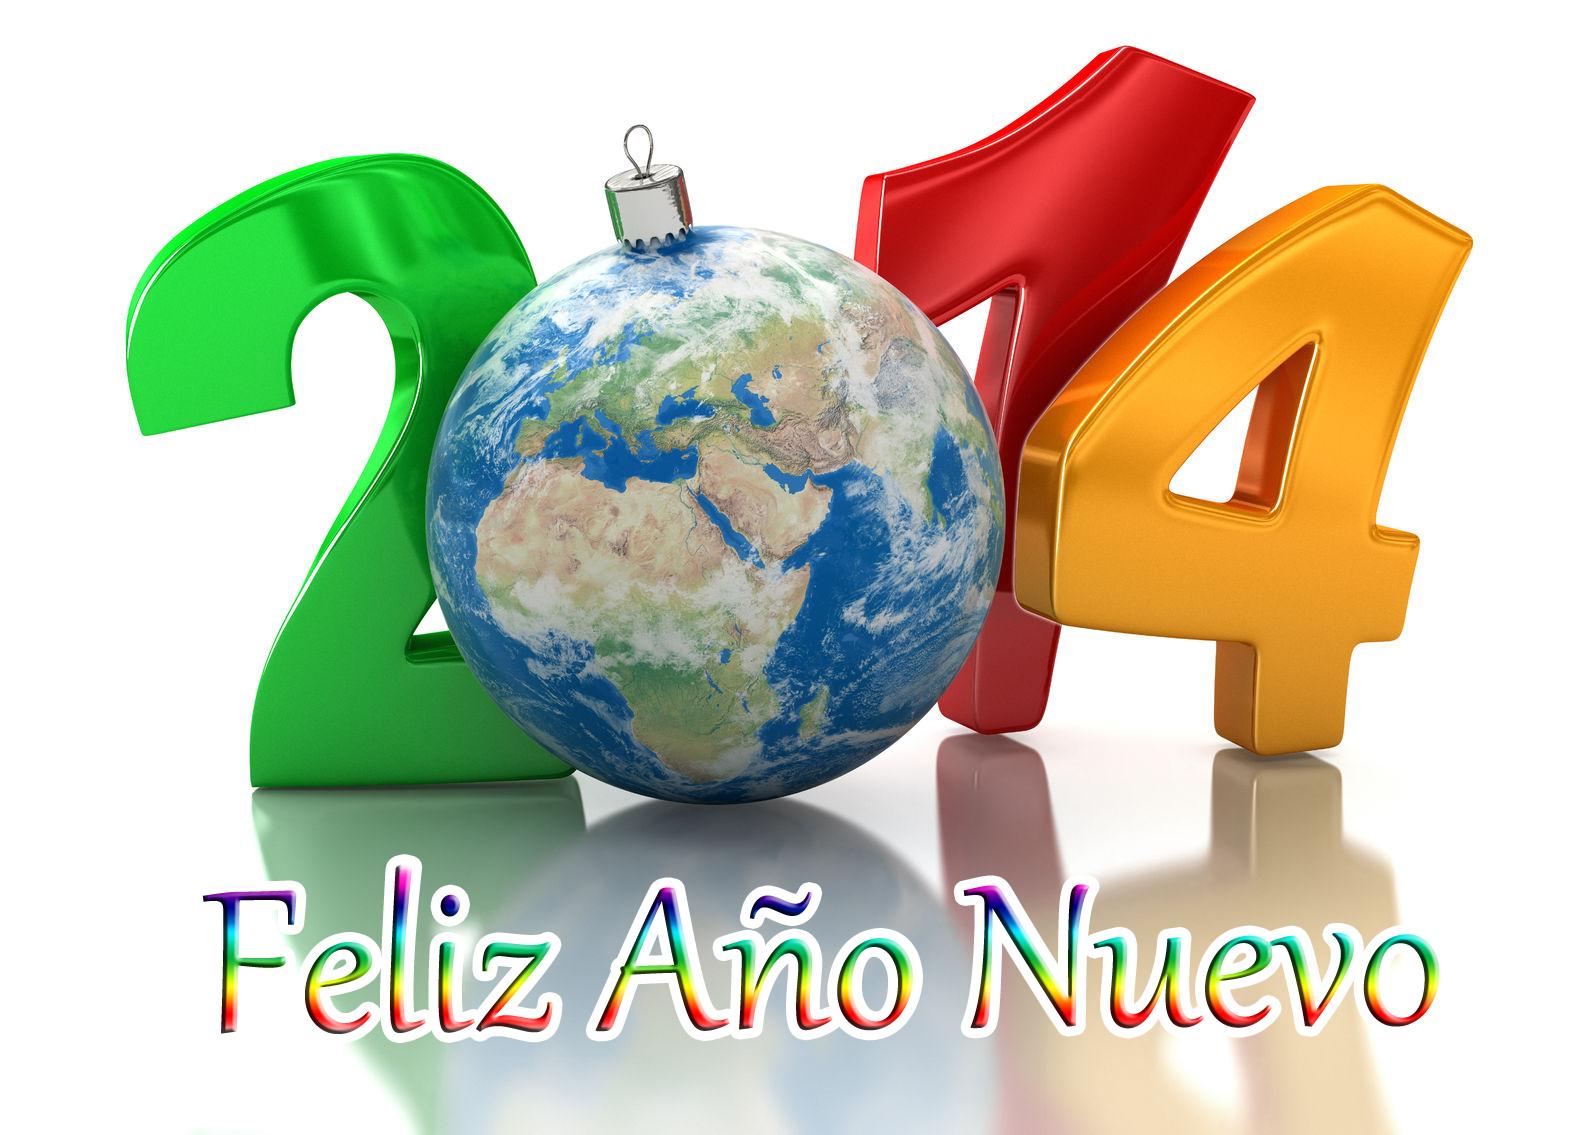 Guayyyyy, gracias Tizziri. Feliz+A%C3%B1o+Nuevo+2014+18